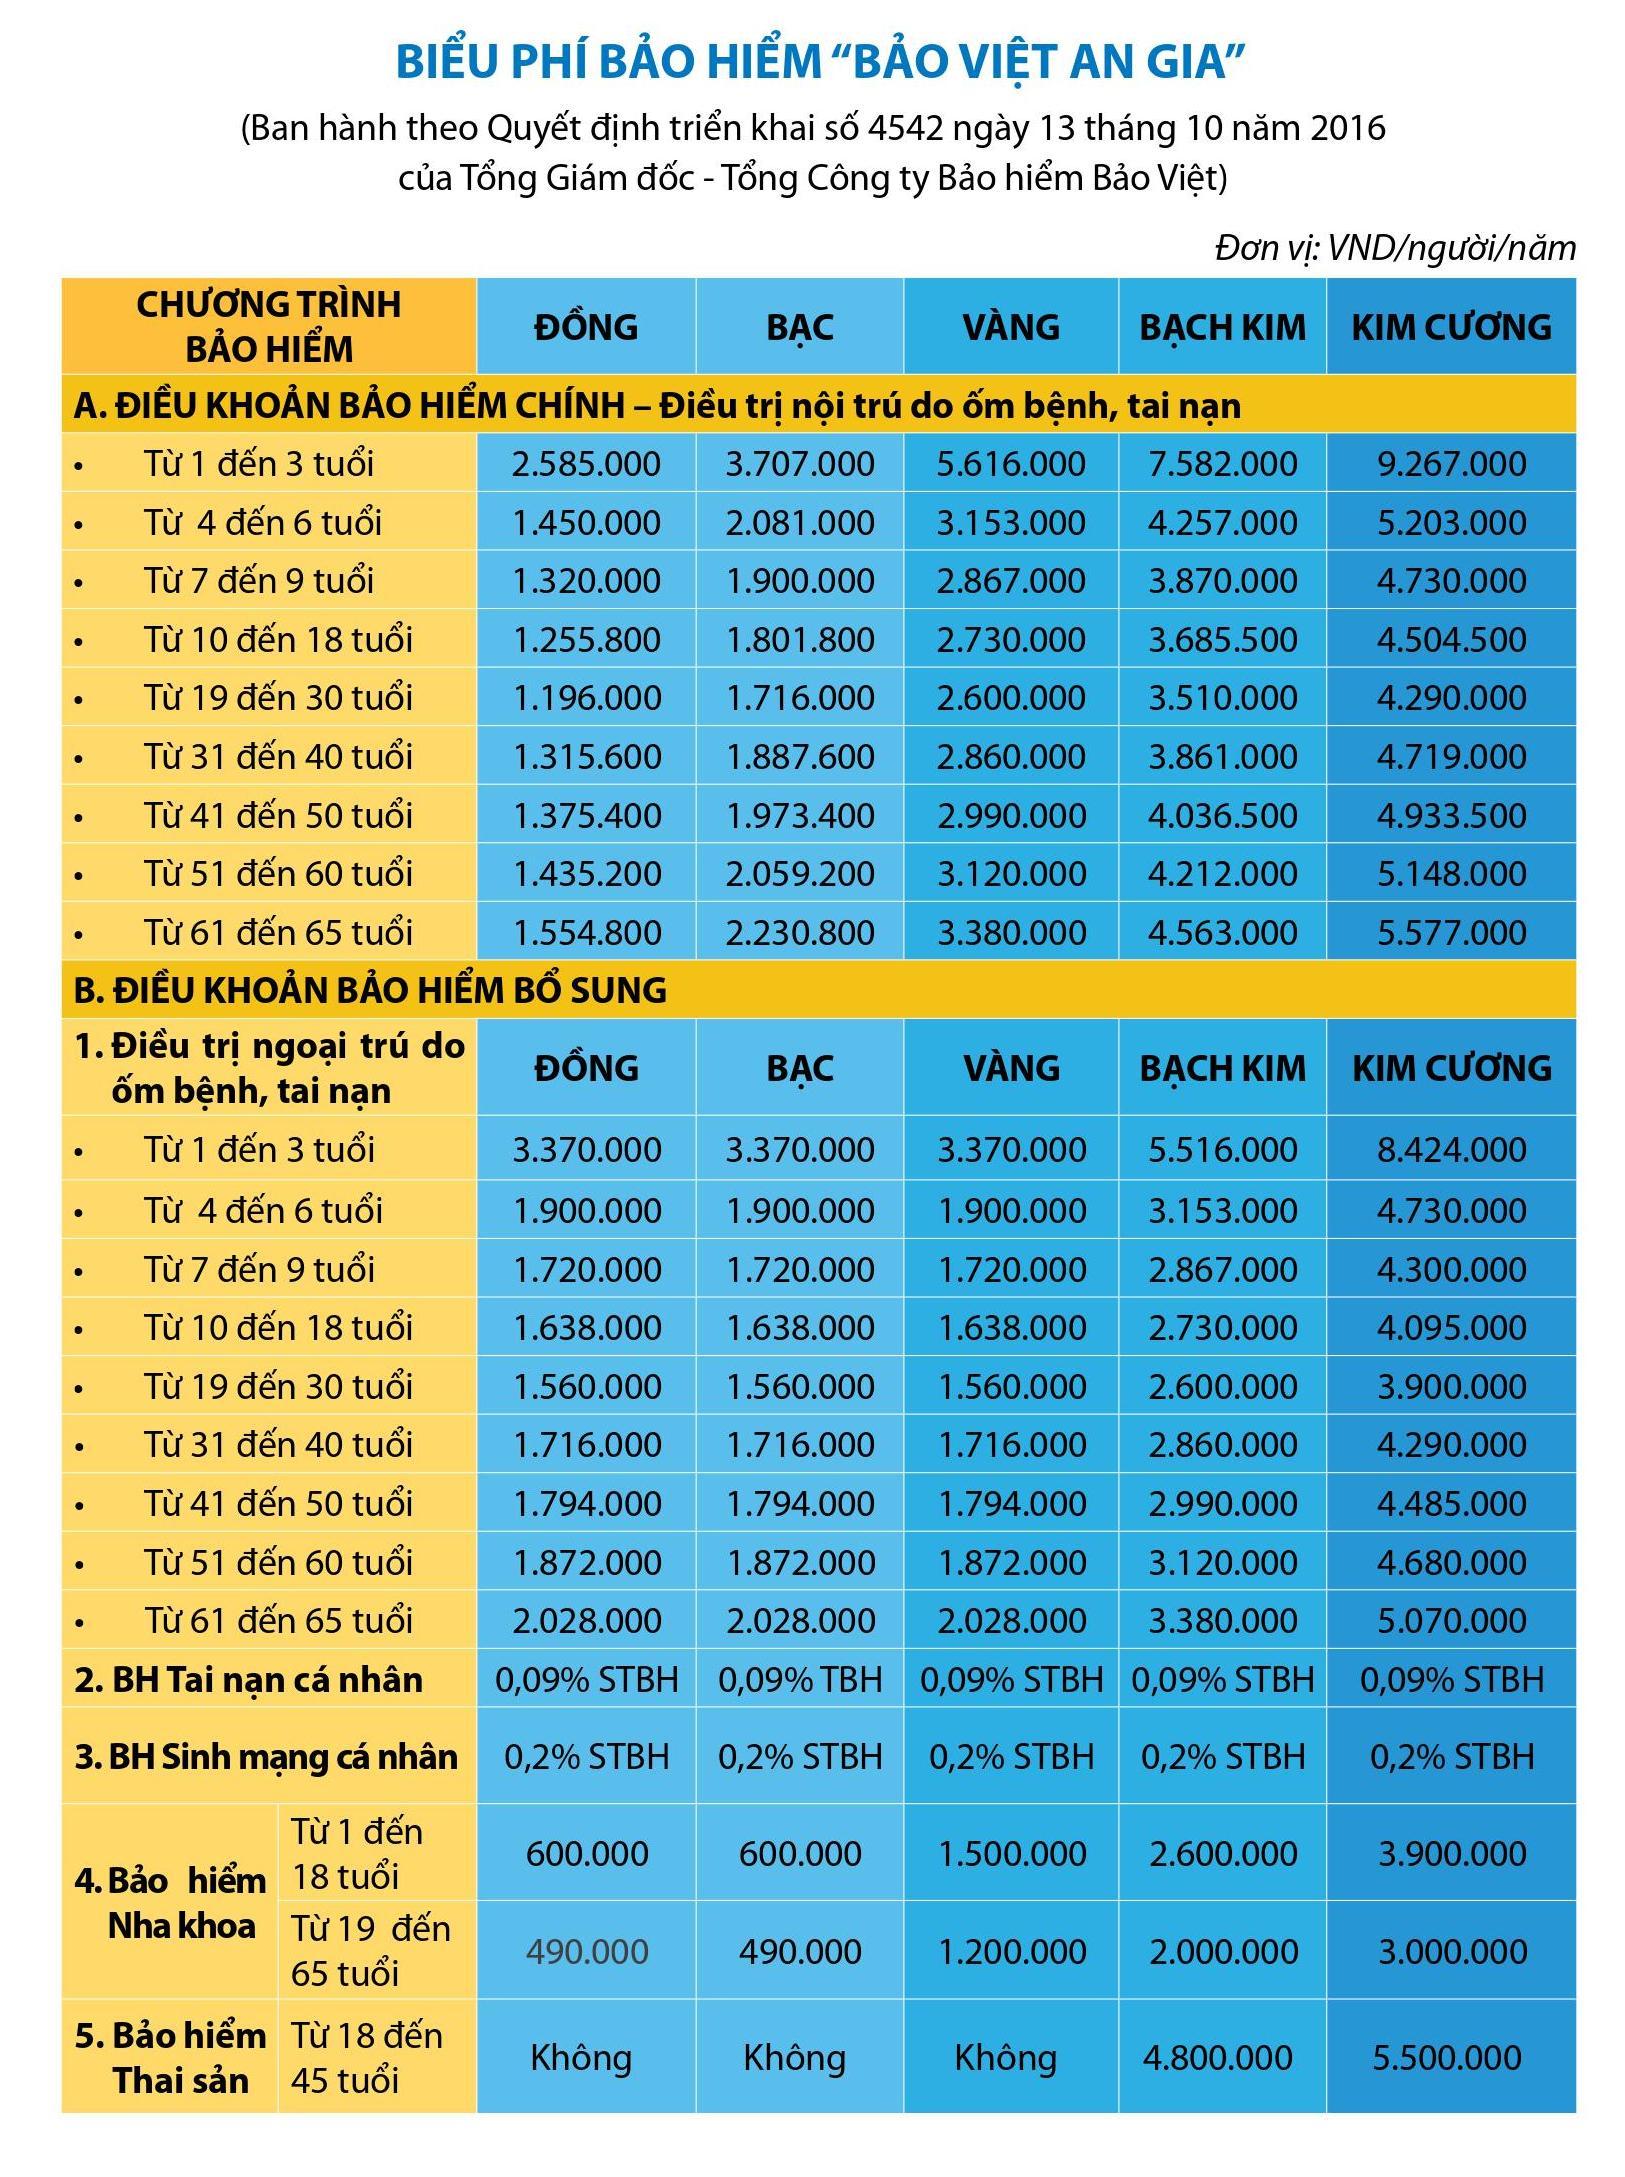 Biểu phí gói bảo hiểm sức khỏe - Bảo Việt An Gia